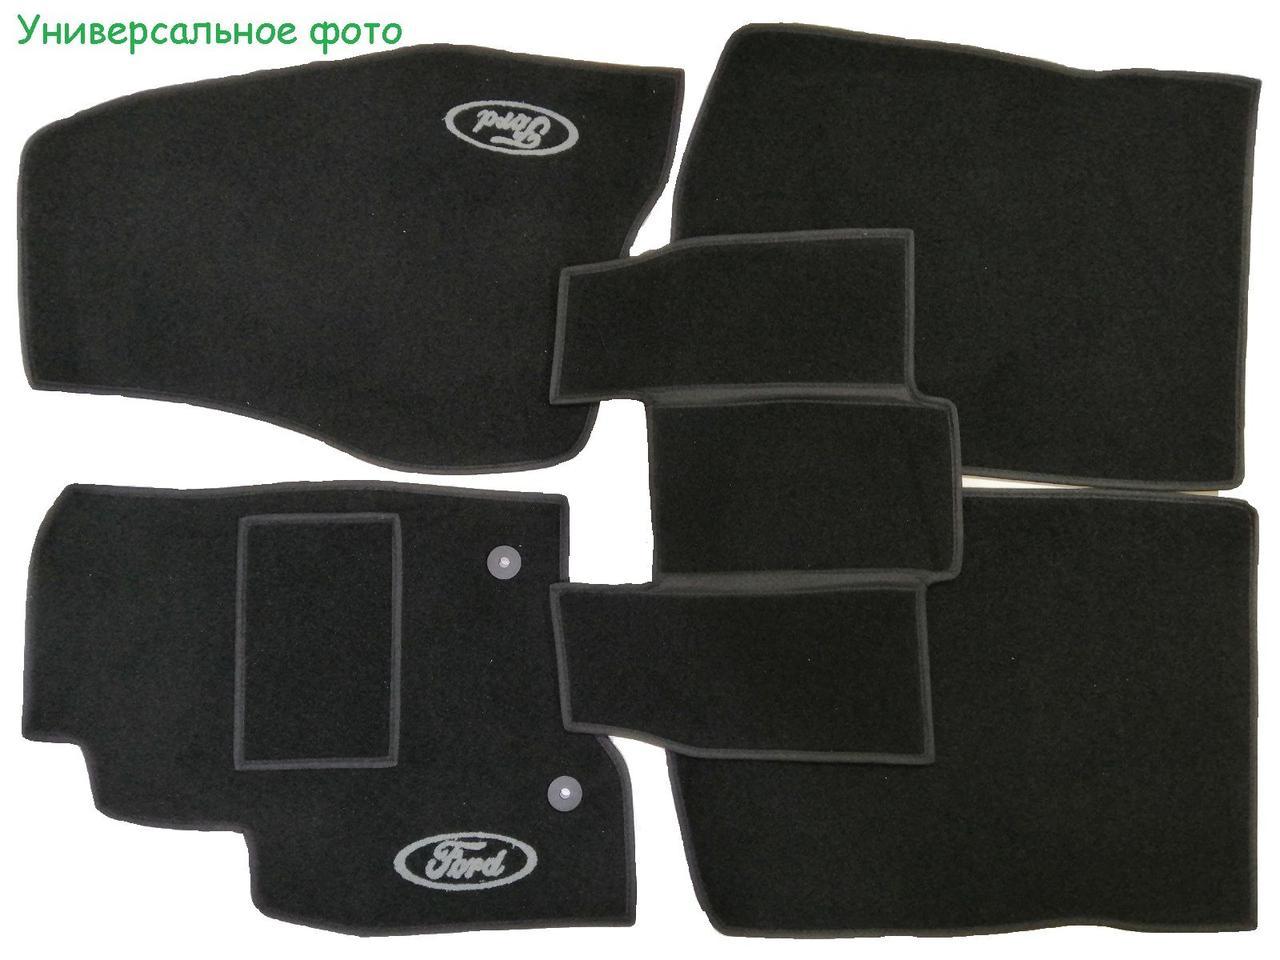 Килимки ворсові в салон на Ford Connect'14 - чорні